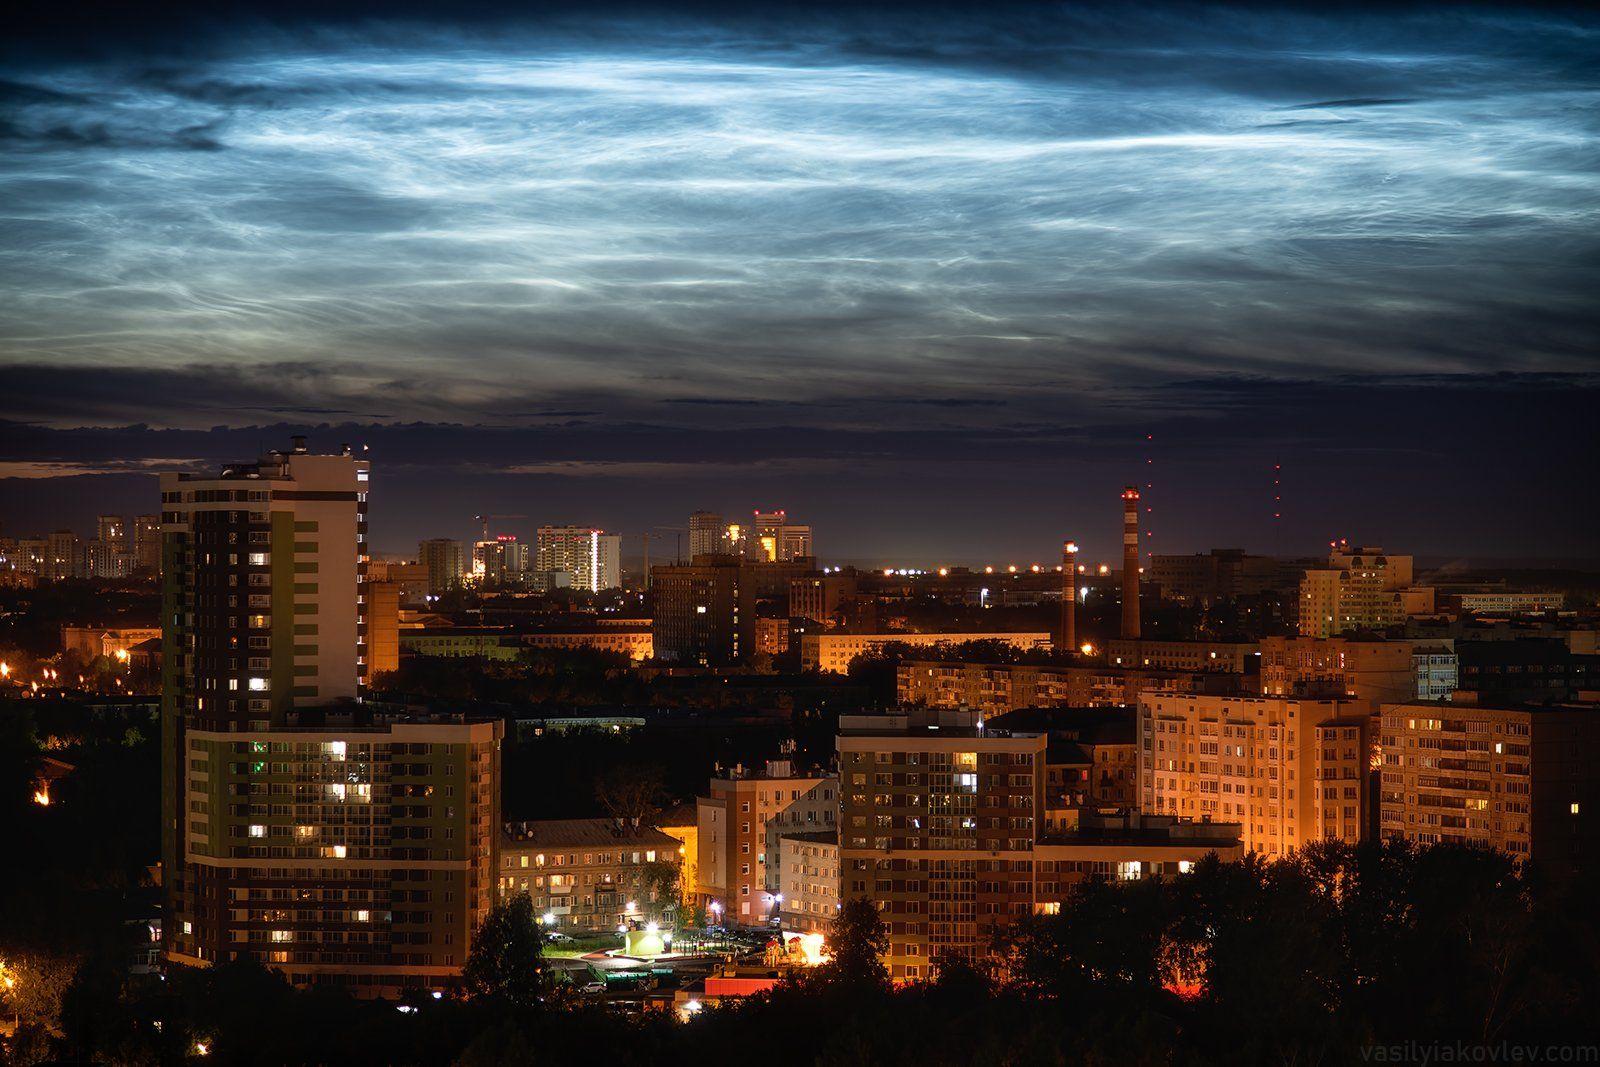 екатеринбург, город, ночь, Василий Яковлев